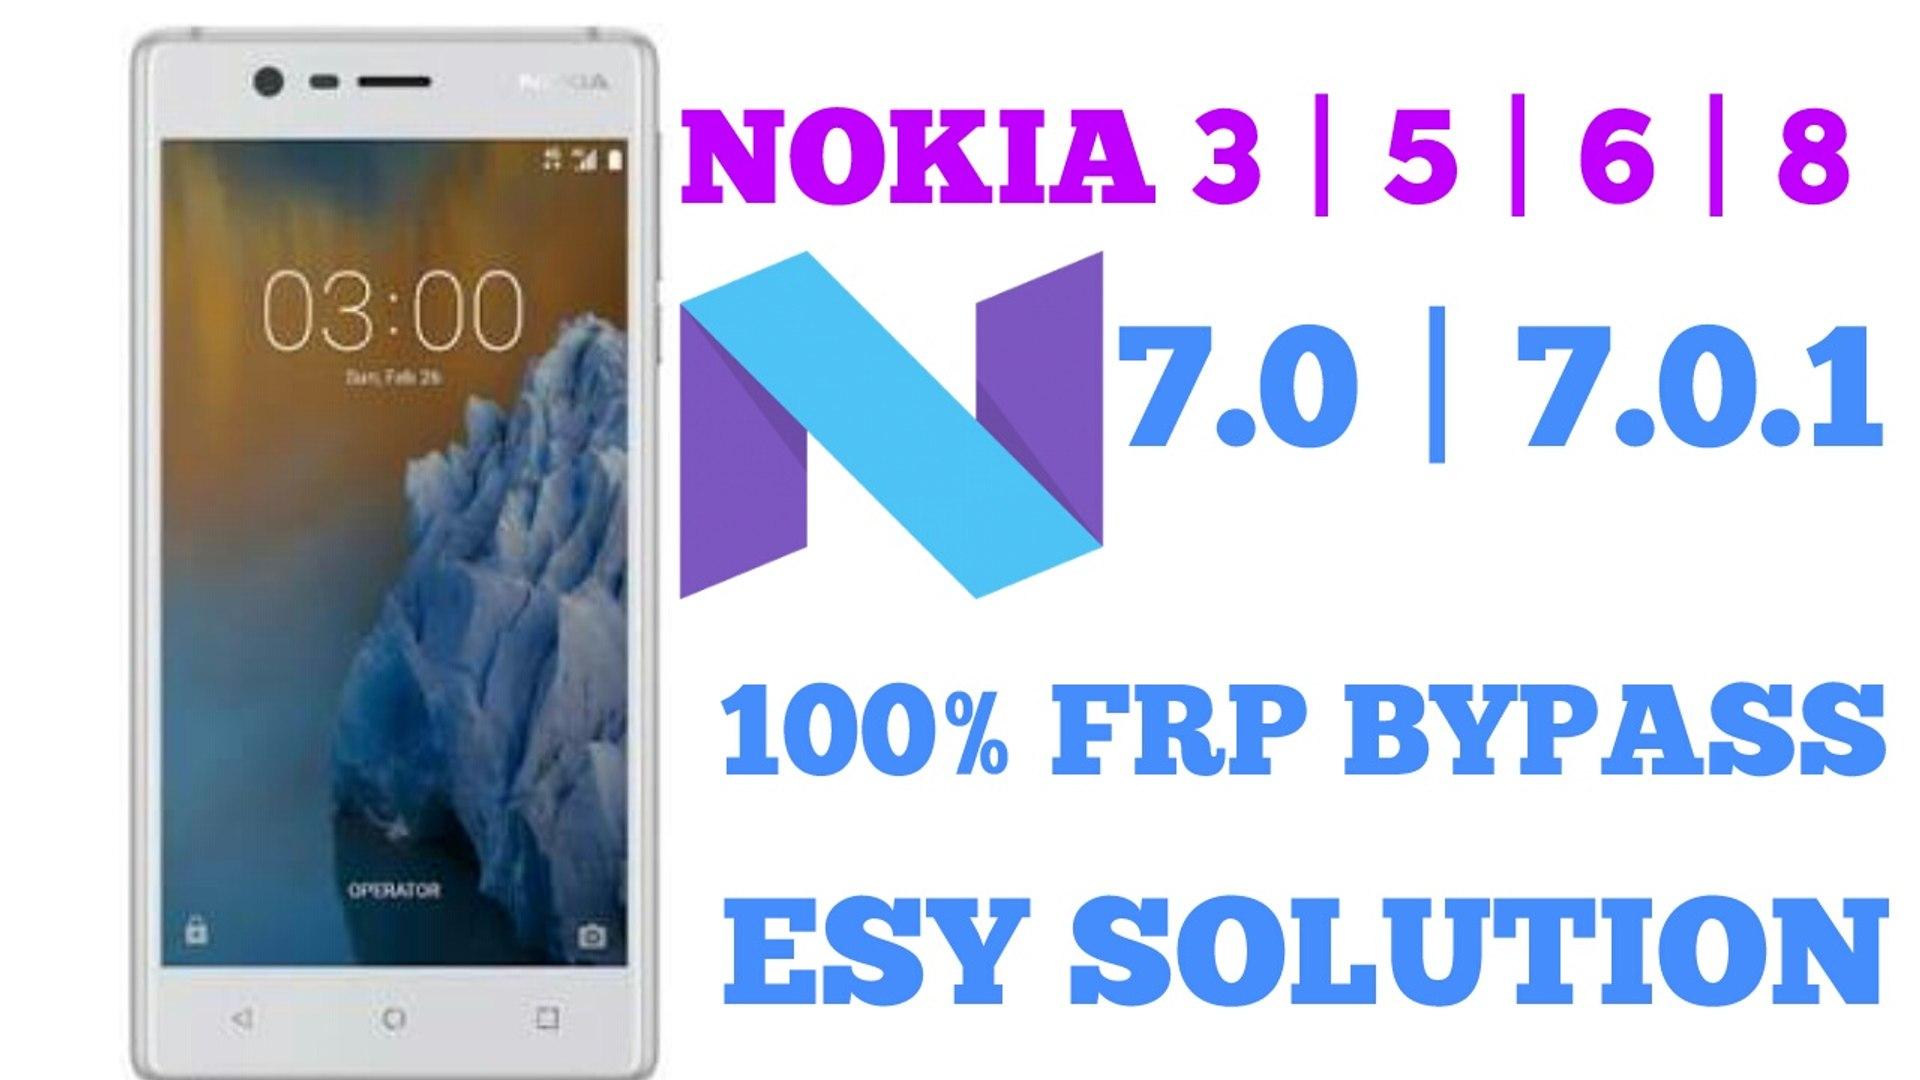 ALL NOKIA FRP 7 0 1 BYPASS 100% || ALL NOUGAT FRP BYPASS100%